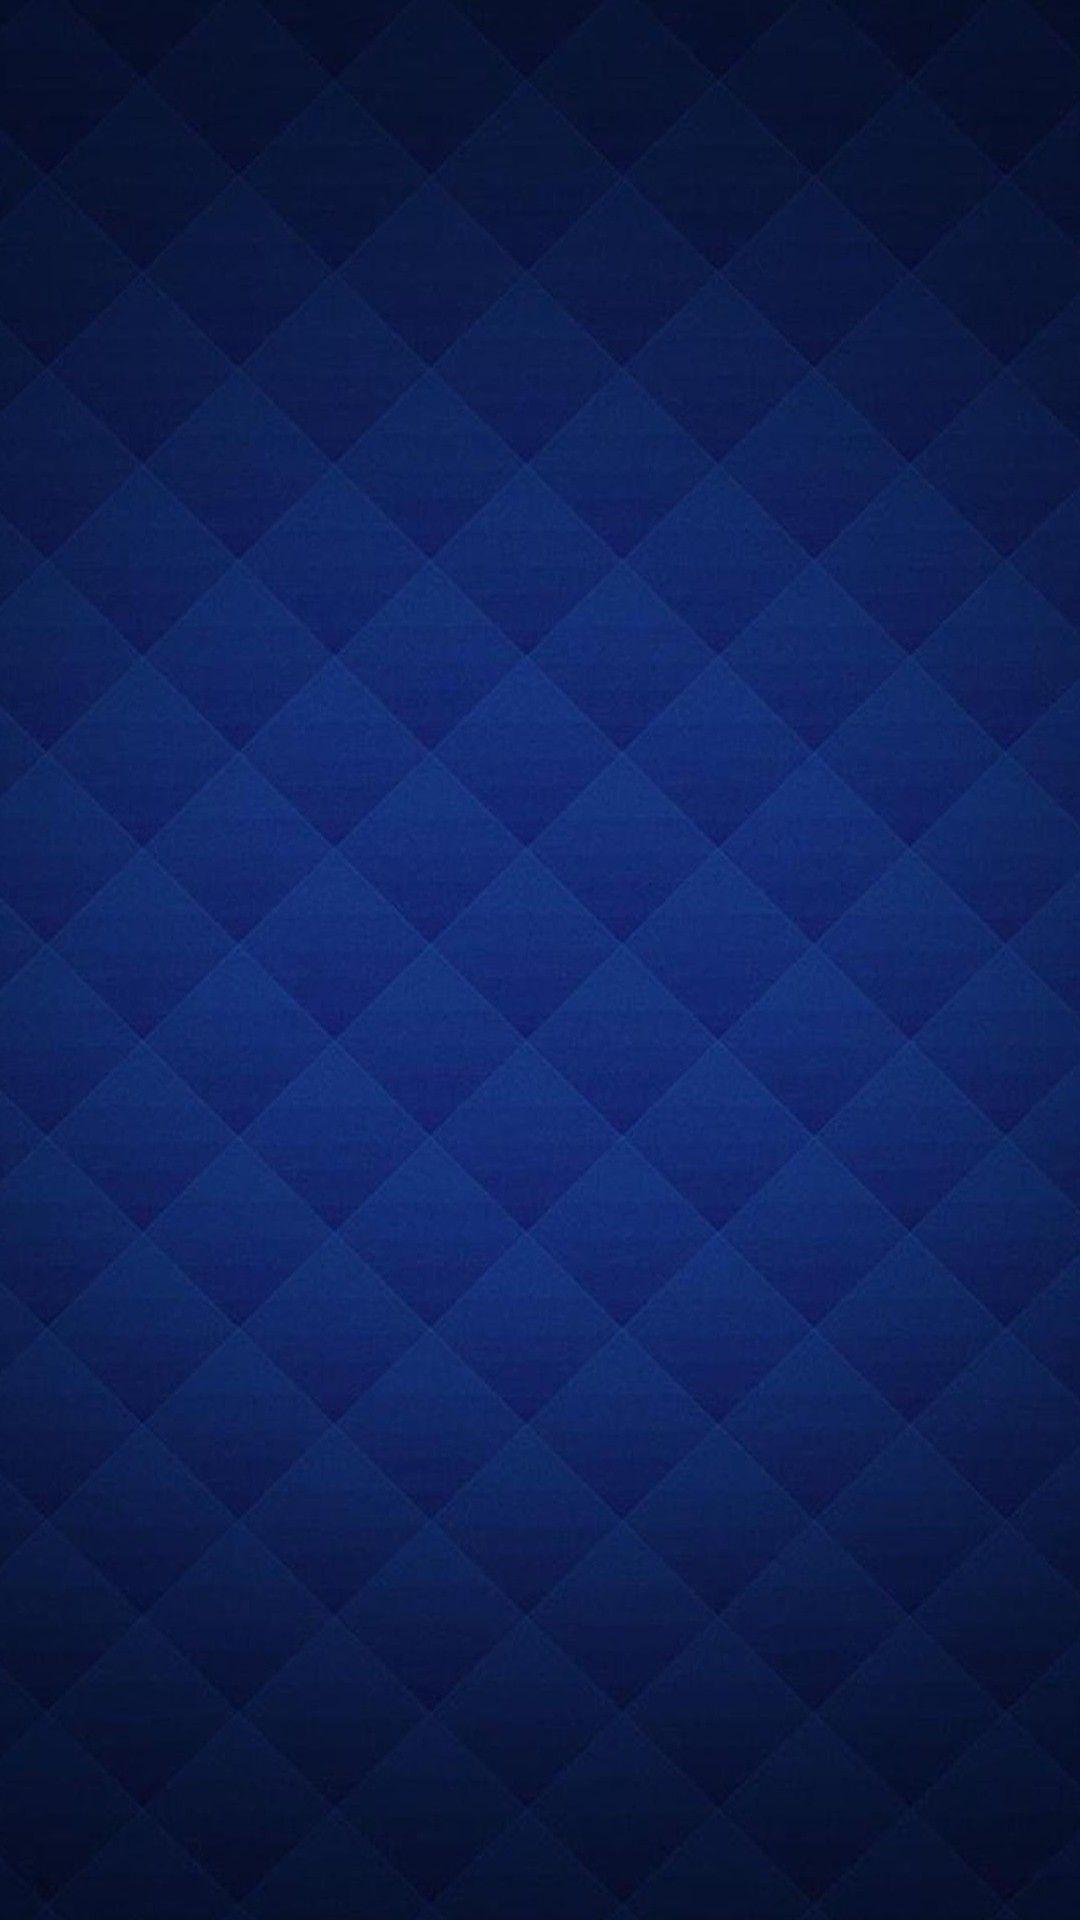 Fantastic Wallpaper Home Screen Xperia - 86d2dcd540f21ea6dd9a291472f8ca5e  Graphic_999178.jpg